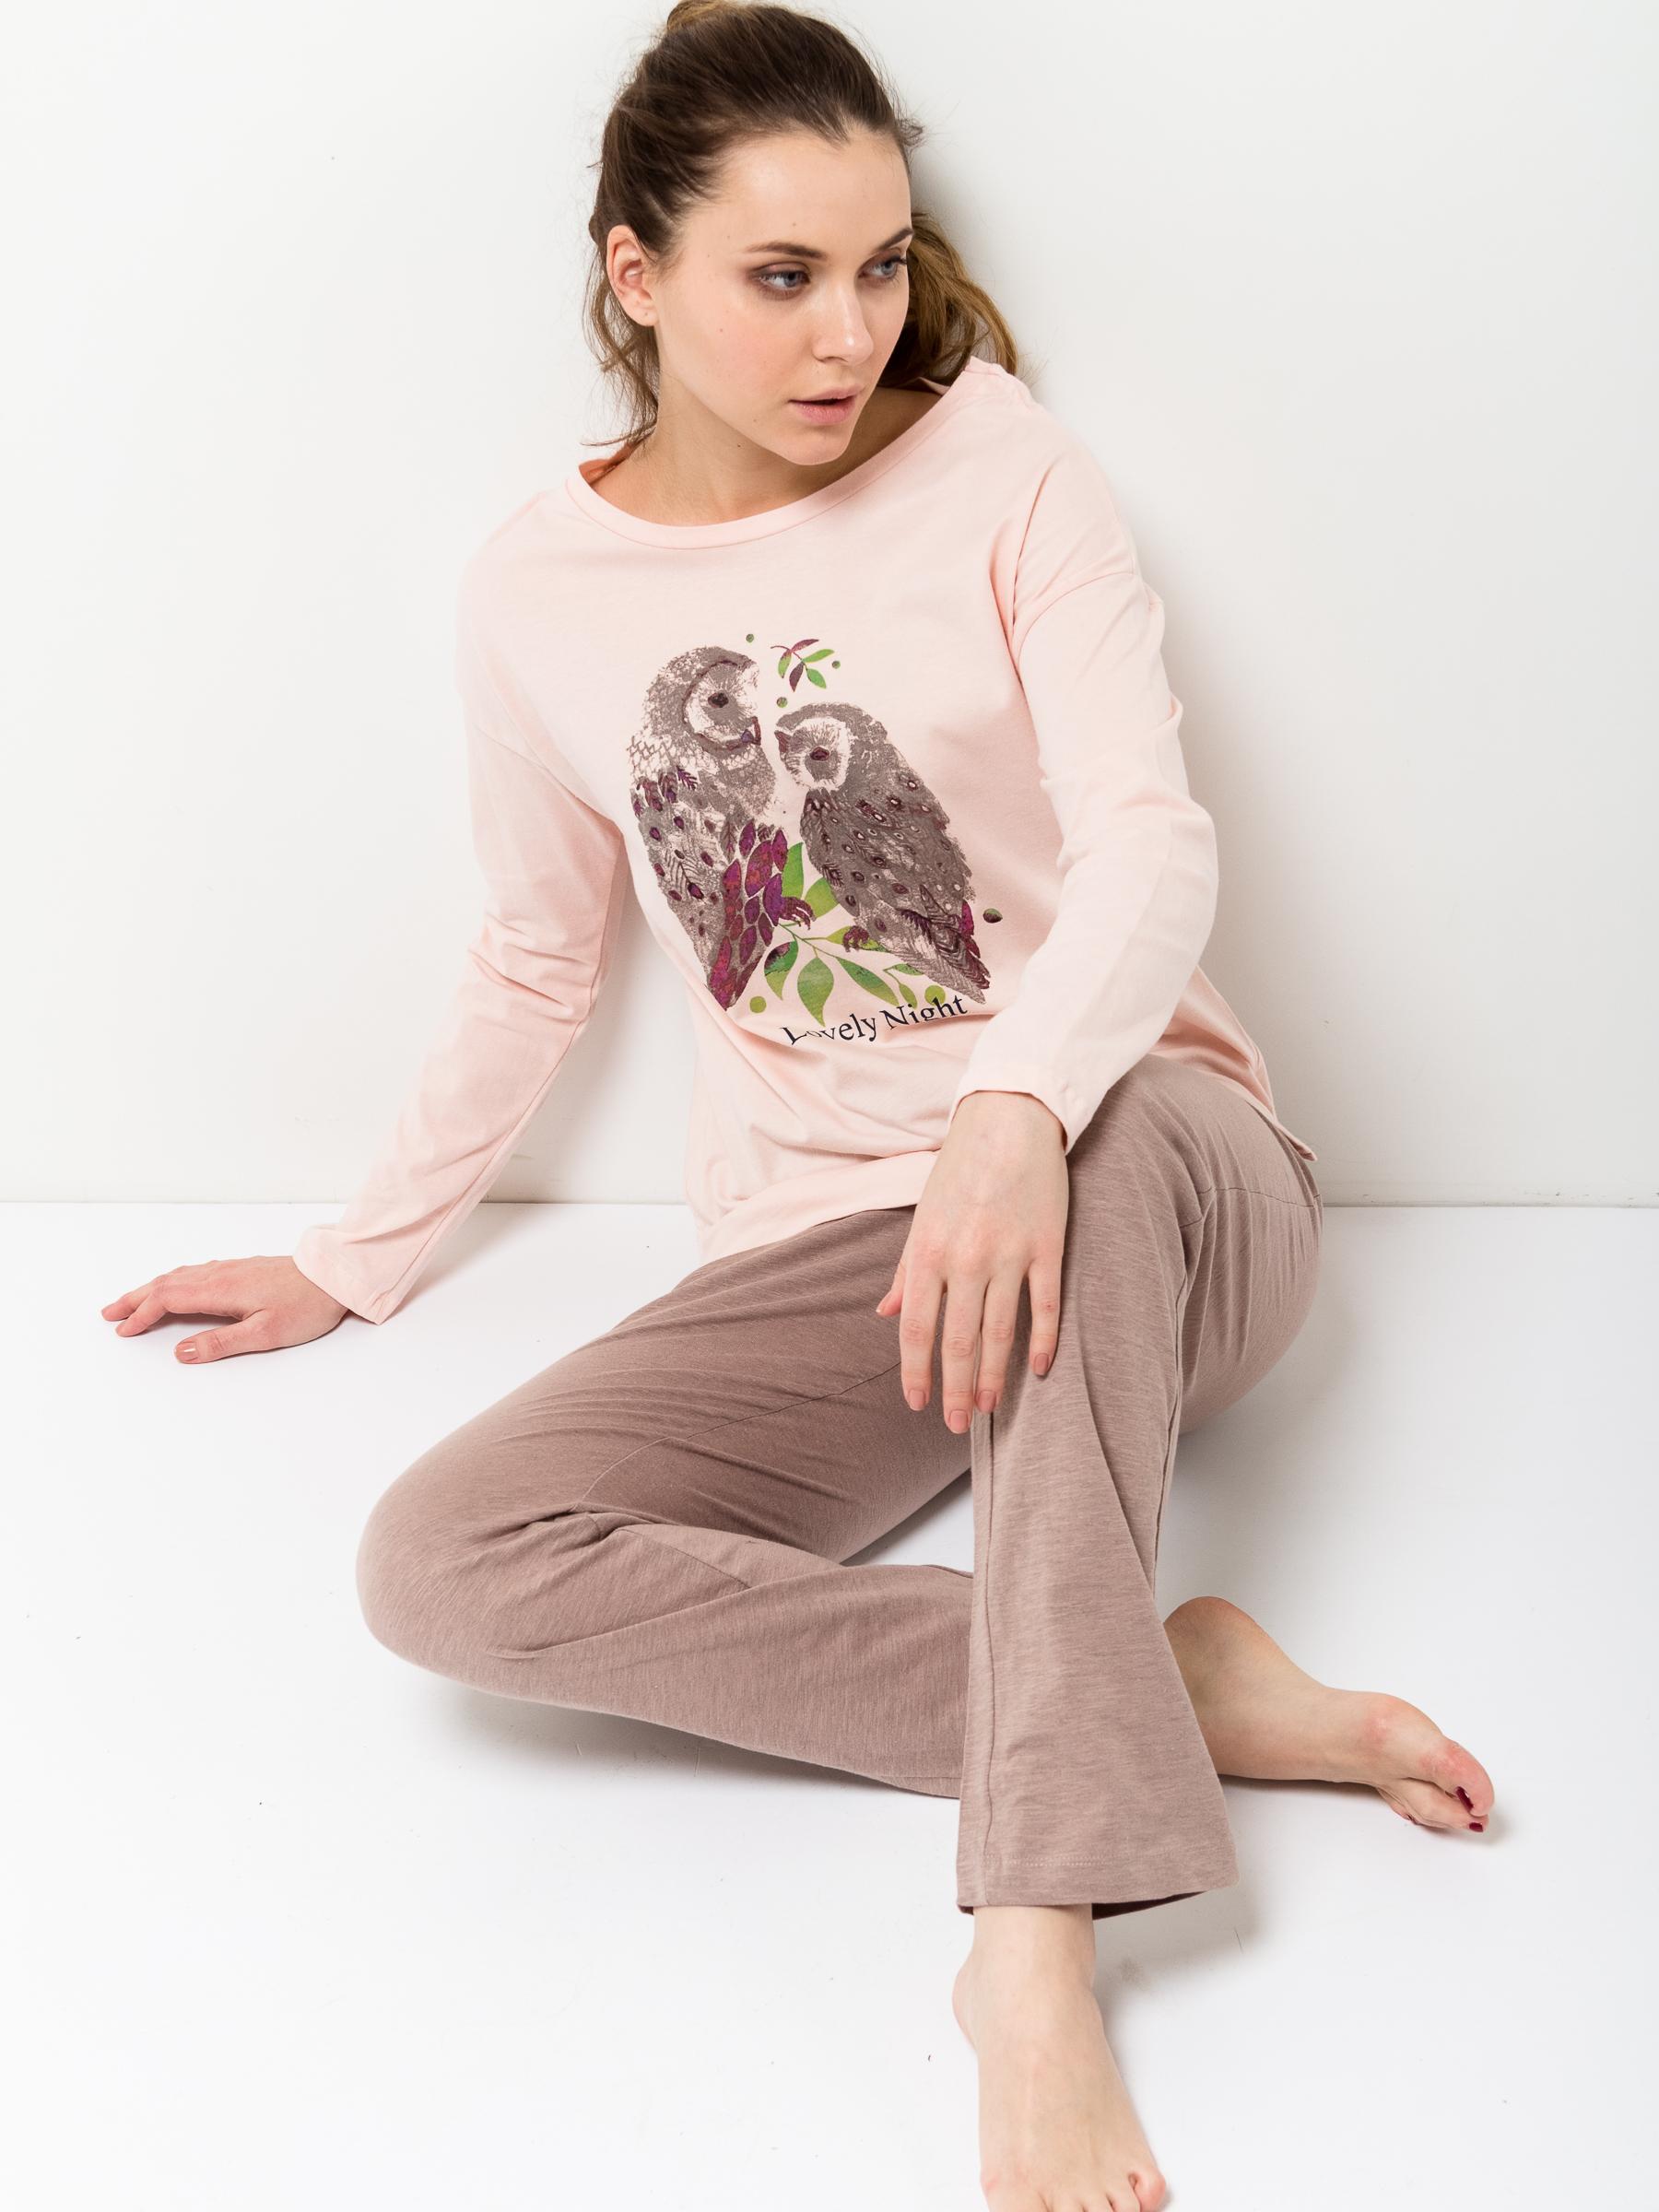 Пижама женская Sela, цвет: сливочный. PYb-162/018-7100. Размер M (46)PYb-162/018-7100Уютная женская пижама Sela, состоящая из лонгслива и брюк, станет отличным дополнением к домашнему гардеробу. Пижама изготовлена из натурального хлопка, благодаря чему она приятна на ощупь и комфортна в носке. Лонгслив прямого кроя со спущенным плечом оформлен ярким принтом. Круглый вырез горловины дополнен мягкой эластичной бейкой. Однотонные брюки прямого кроя имеют пояс на широкой резинке, дополнительно регулируемый шнурком.